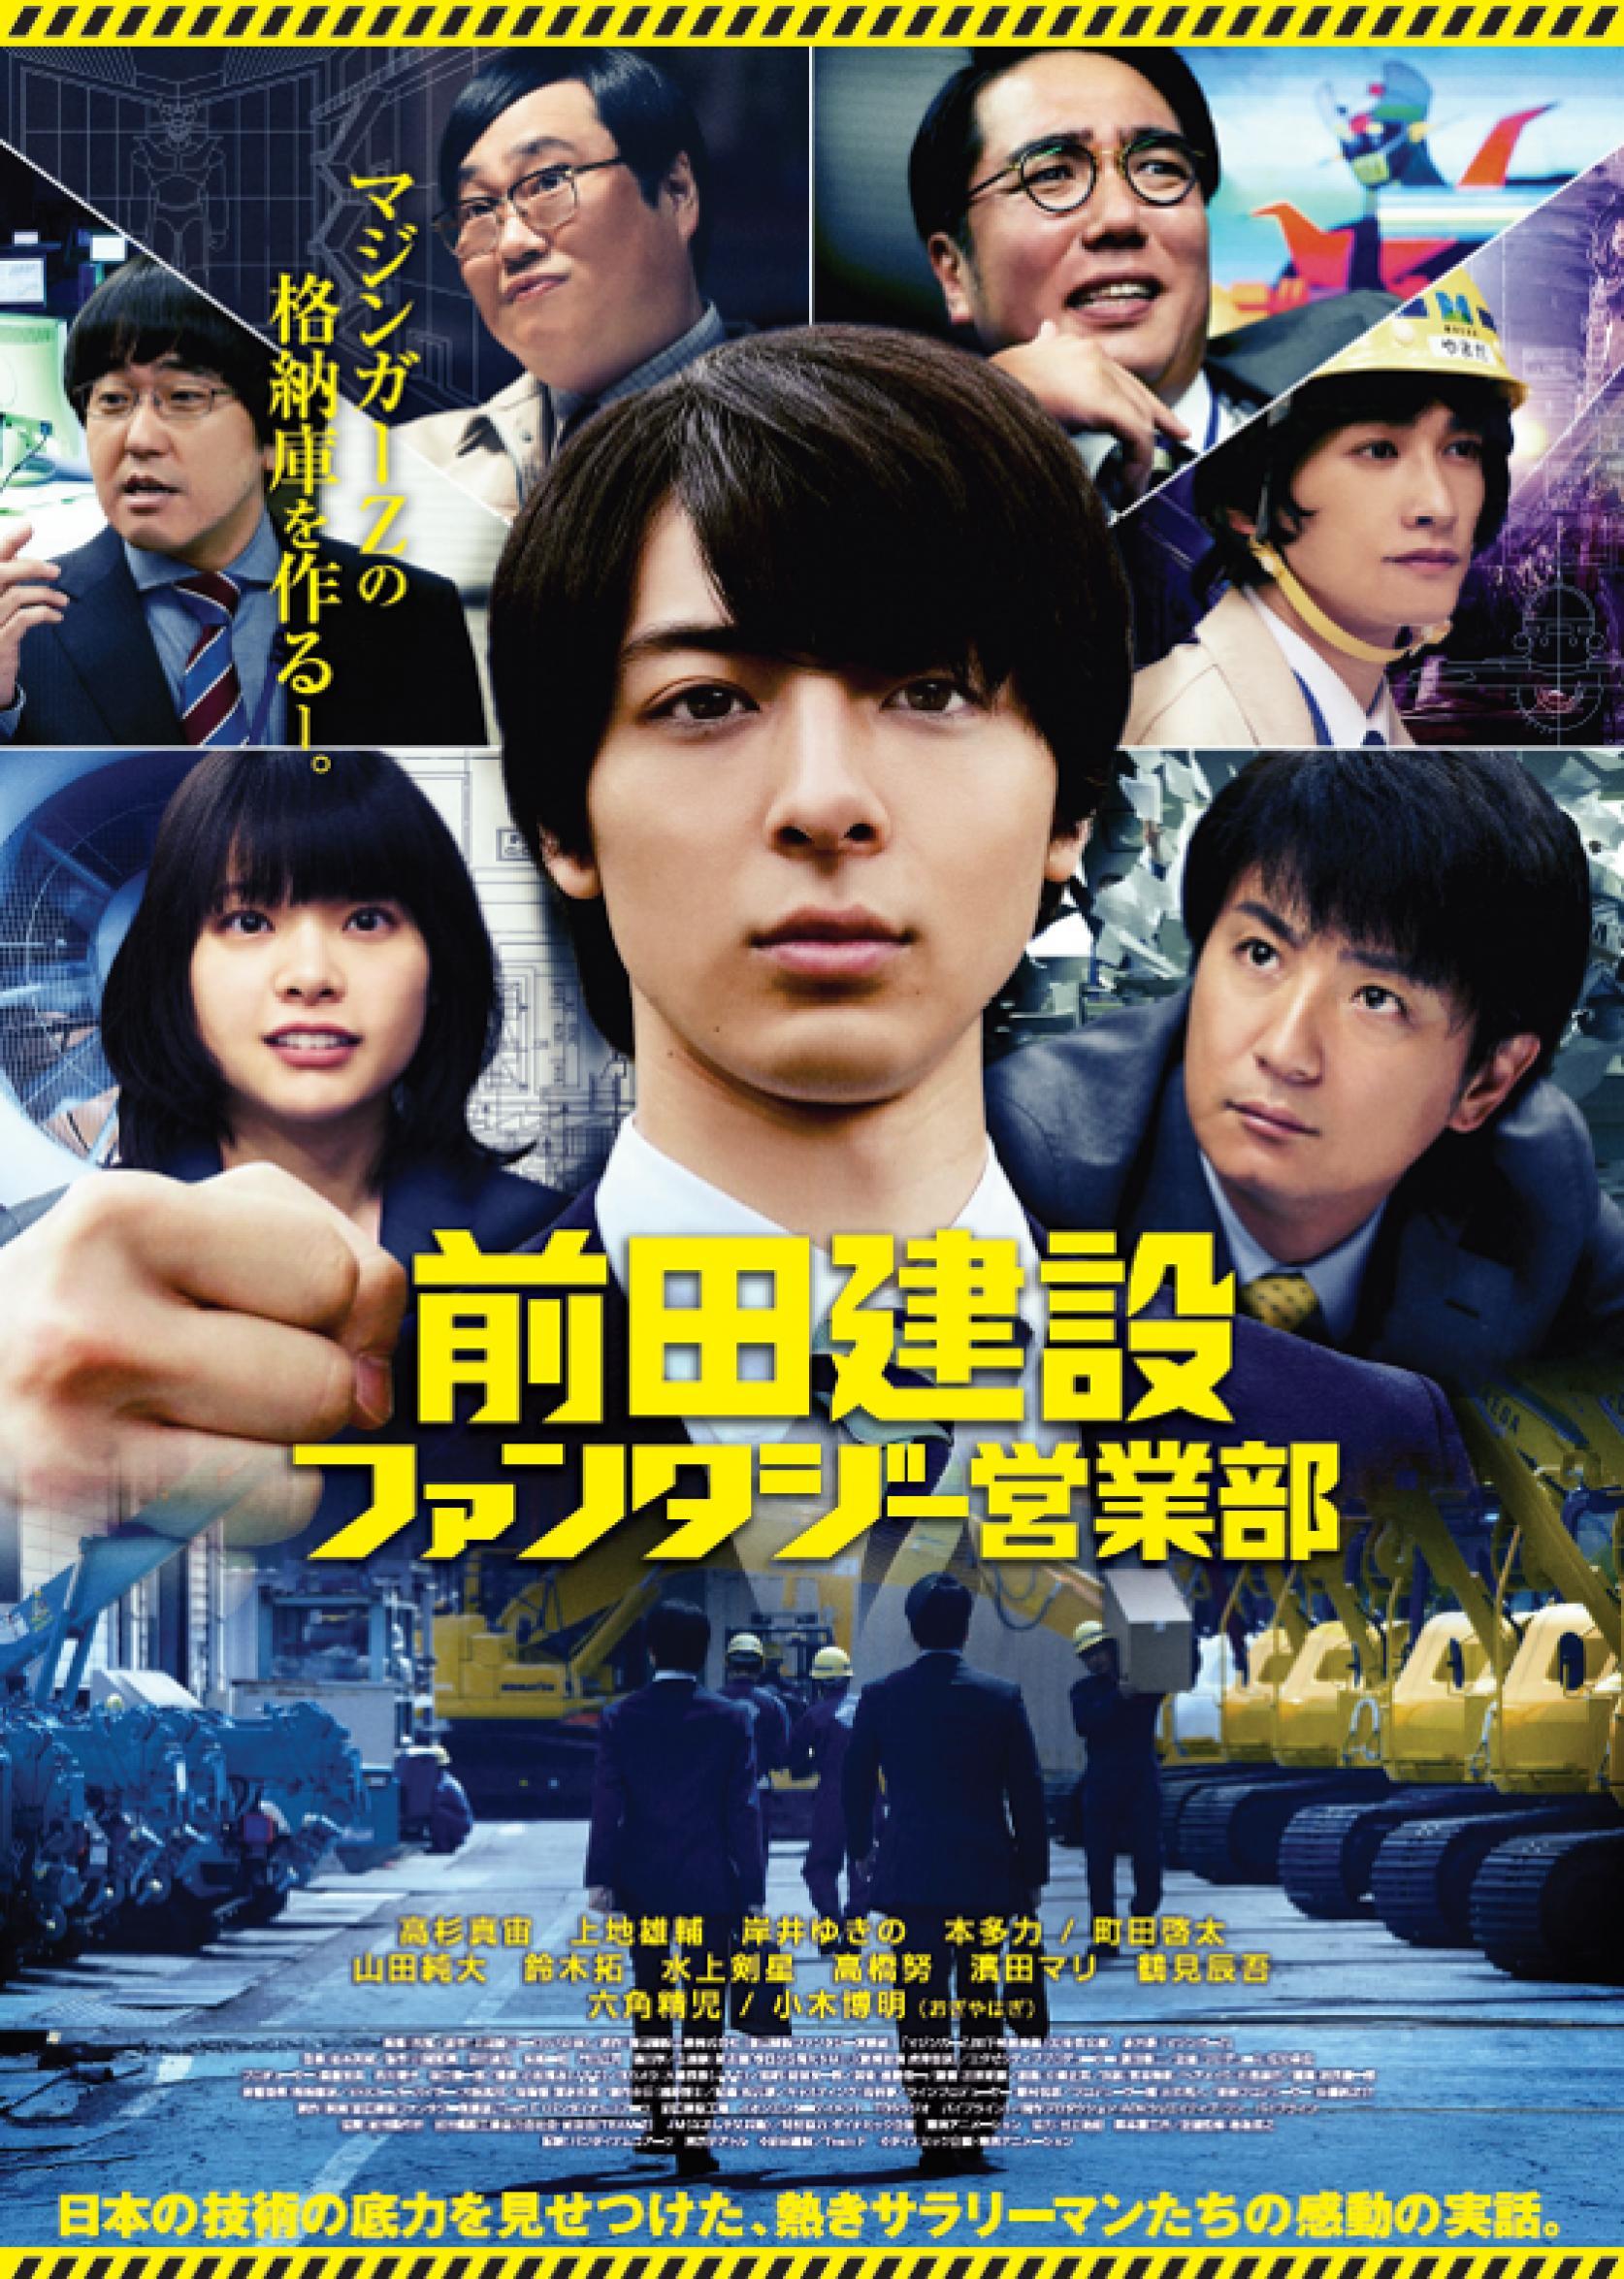 OB岩坂照之氏の活躍が映画に!映画「前田建設ファンタジー営業部」のコラボイベント試写会&トークセッション「ユメをカタチに」が開催されました。